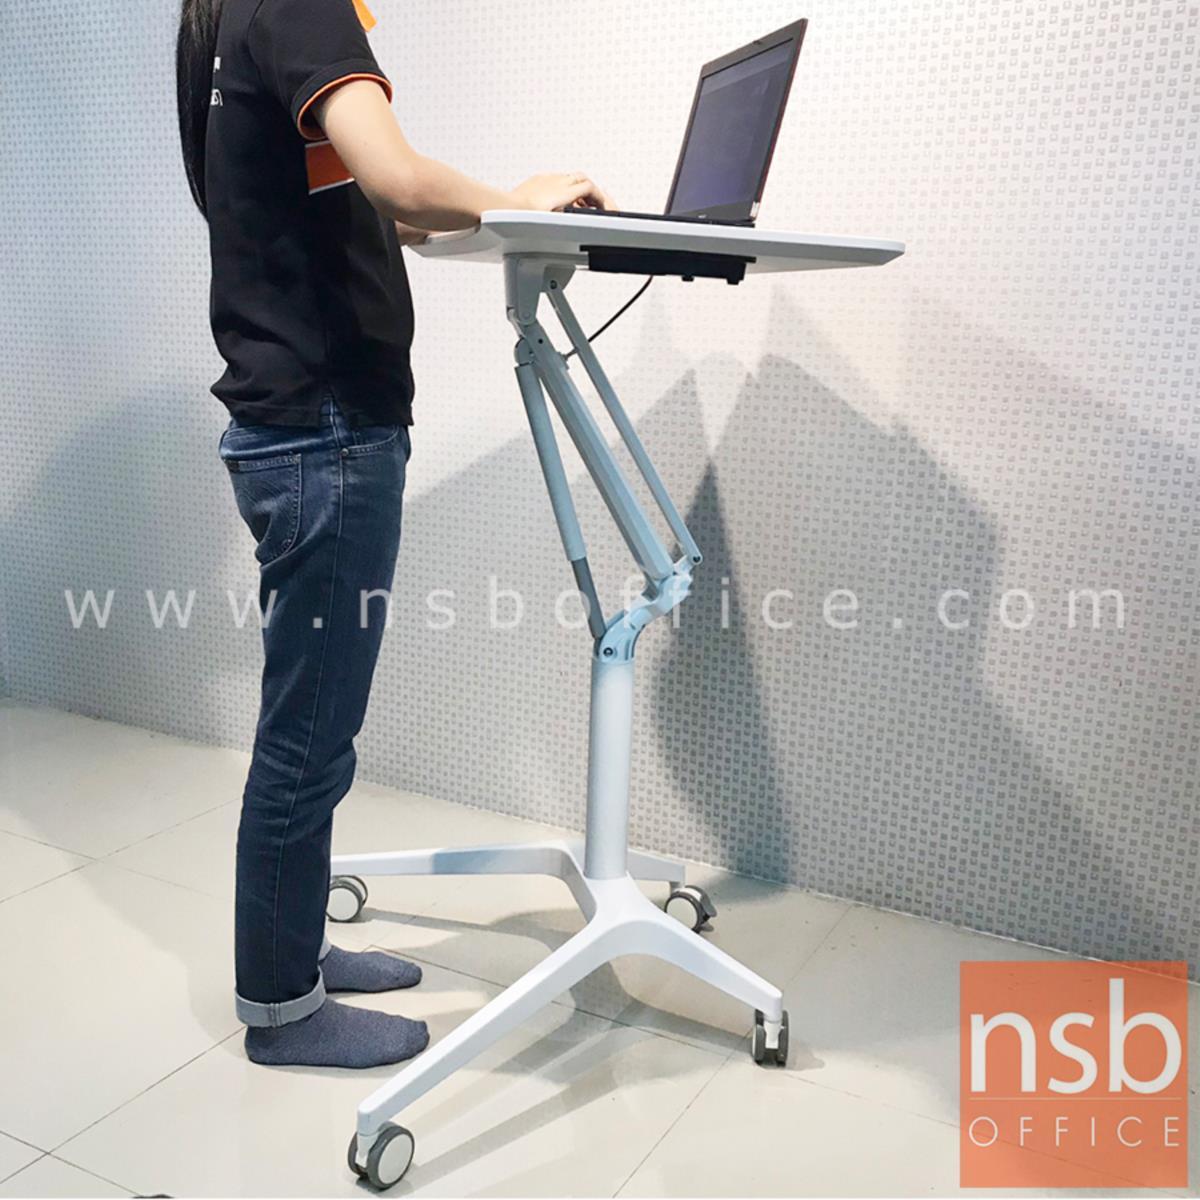 โต๊ะล้อเลื่อน presenter แบบยืน ปรับสูงต่ำได้   โครงขาอลูมิเนียม